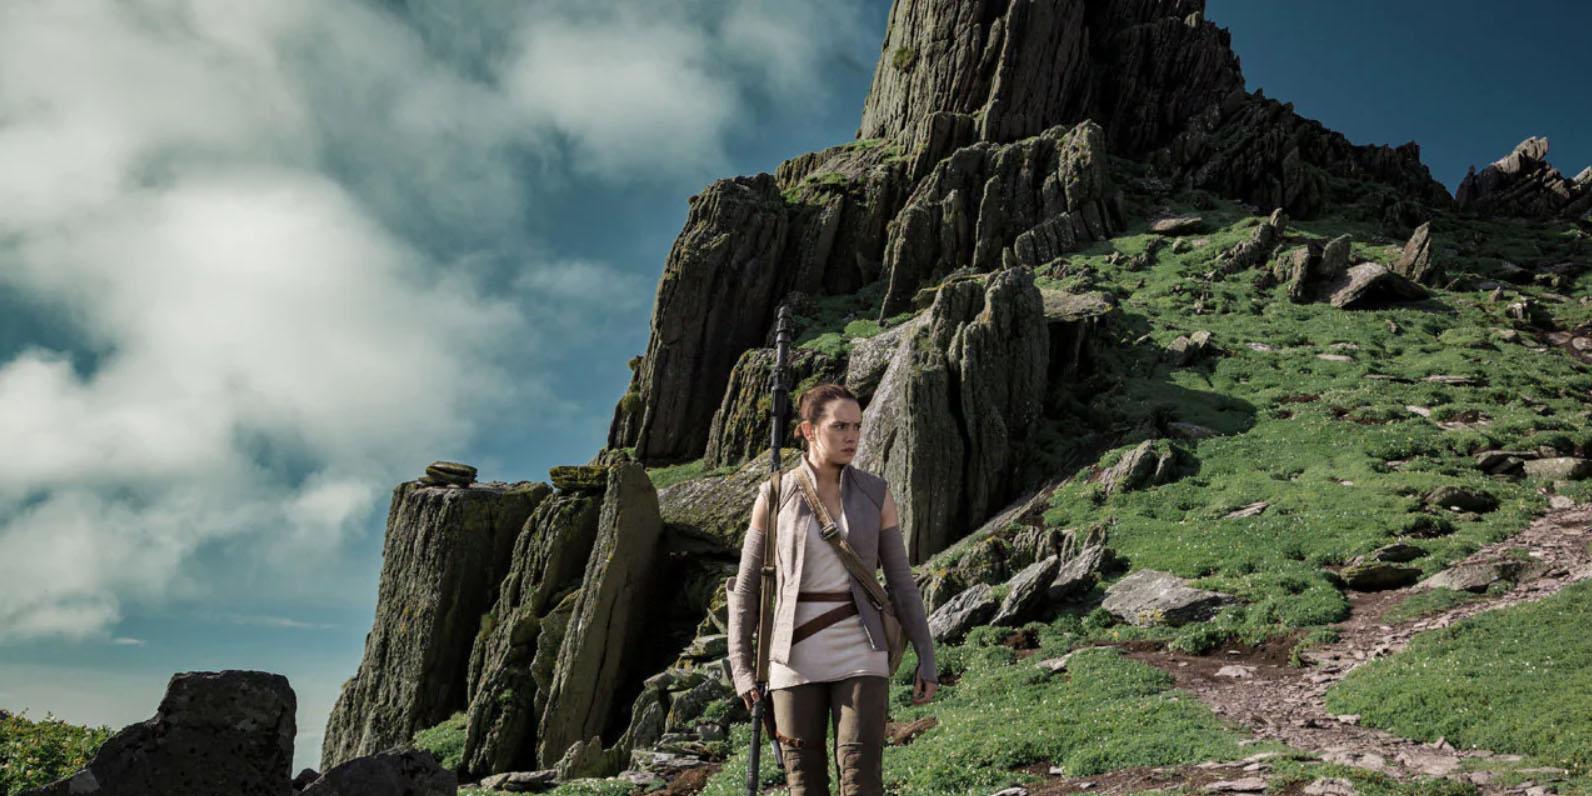 Как в кино: 10 мест, где снимали «Звездные войны»|В дороге - сайт о путешествиях и приключениях